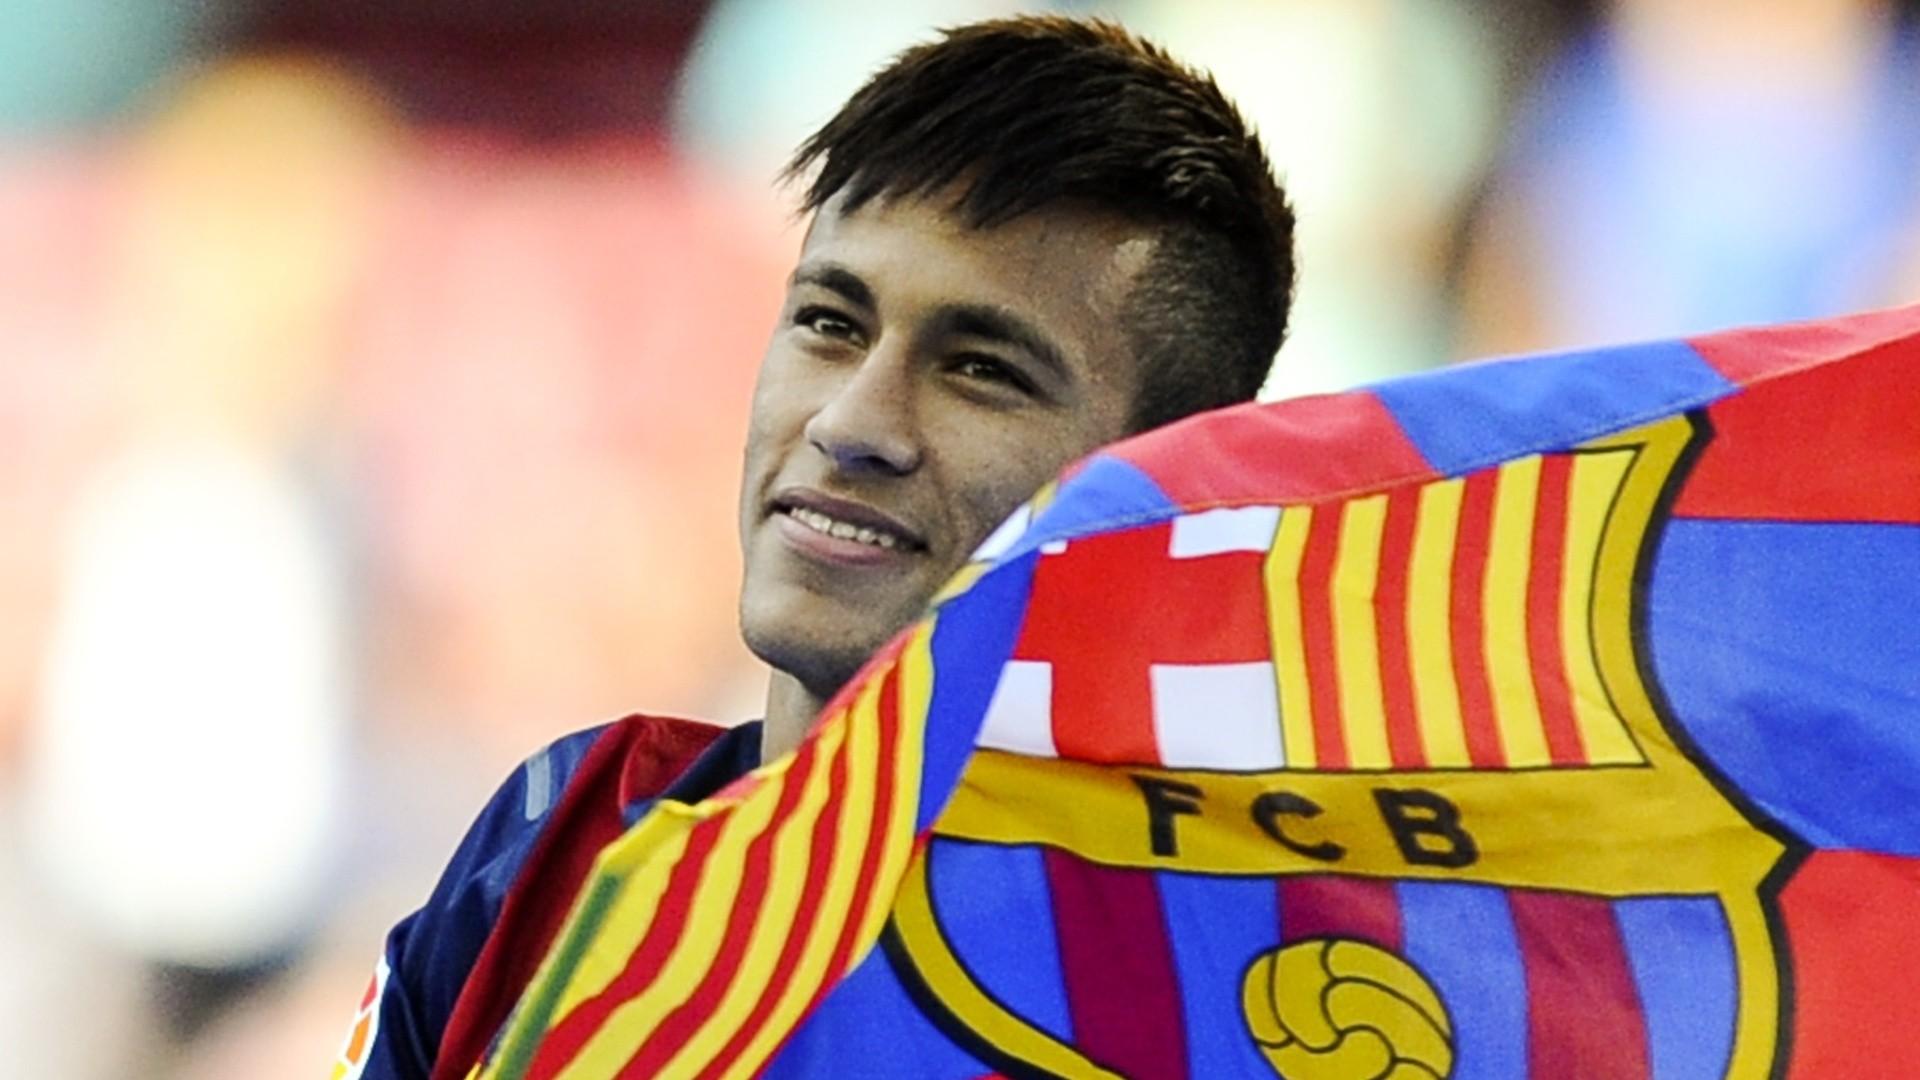 نيمار يجدد تعاقده مع نادي برشلونة